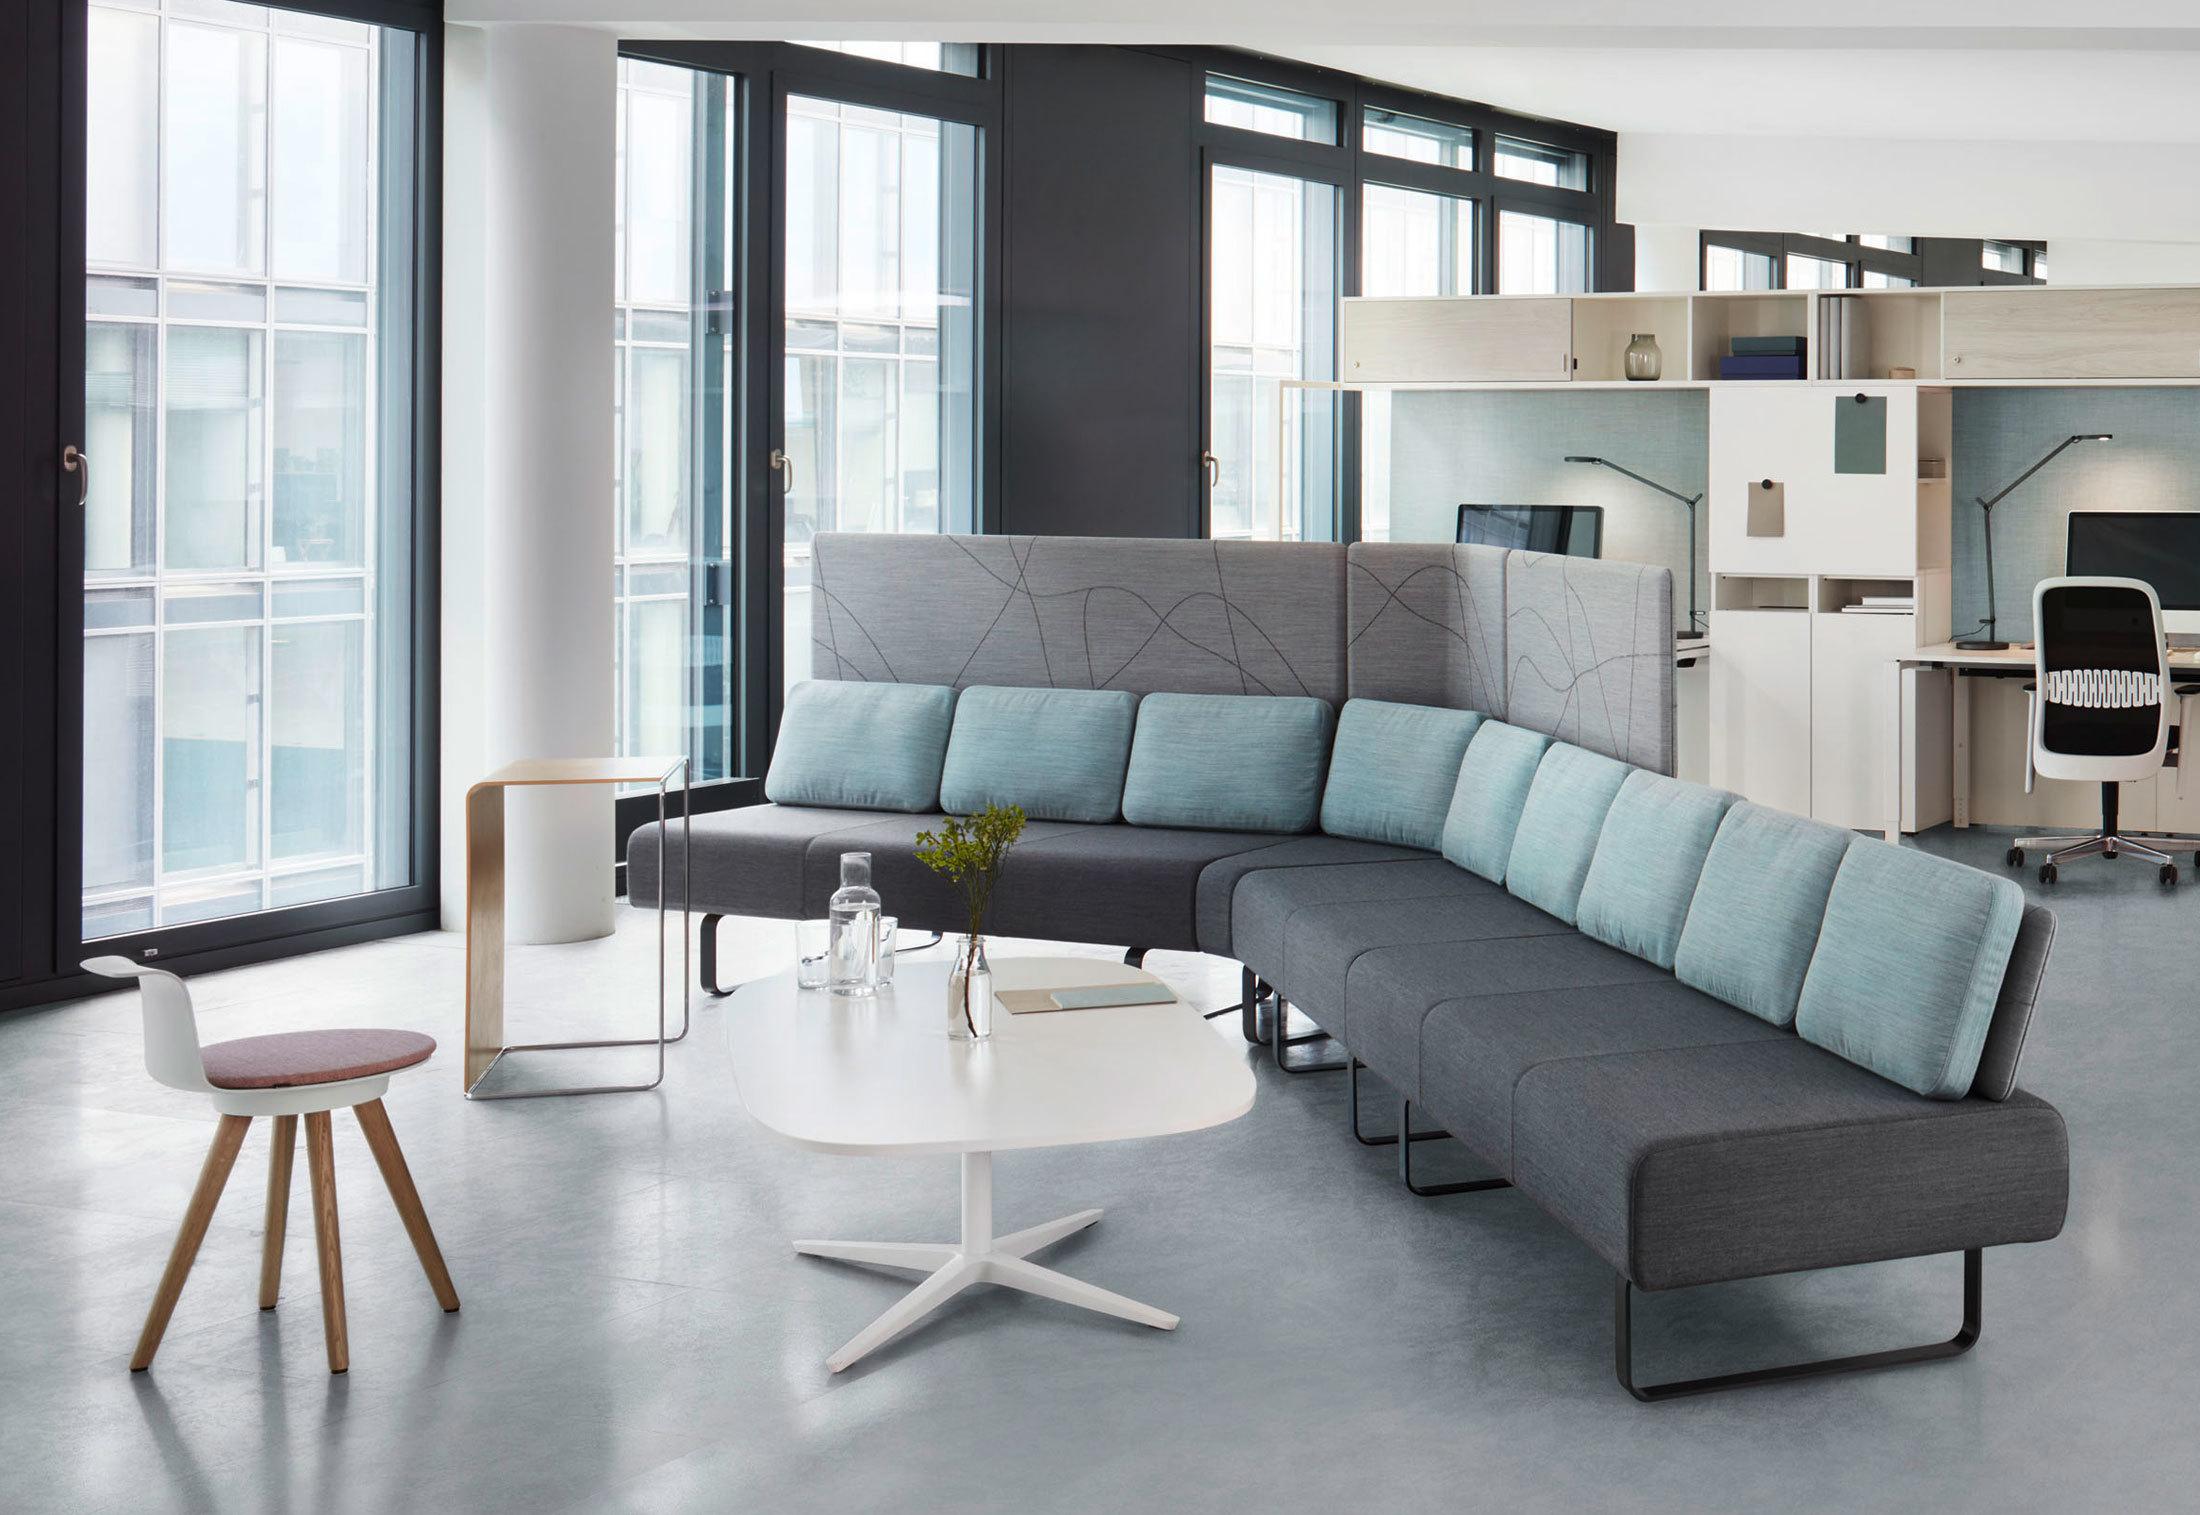 Settle By Bene Stylepark